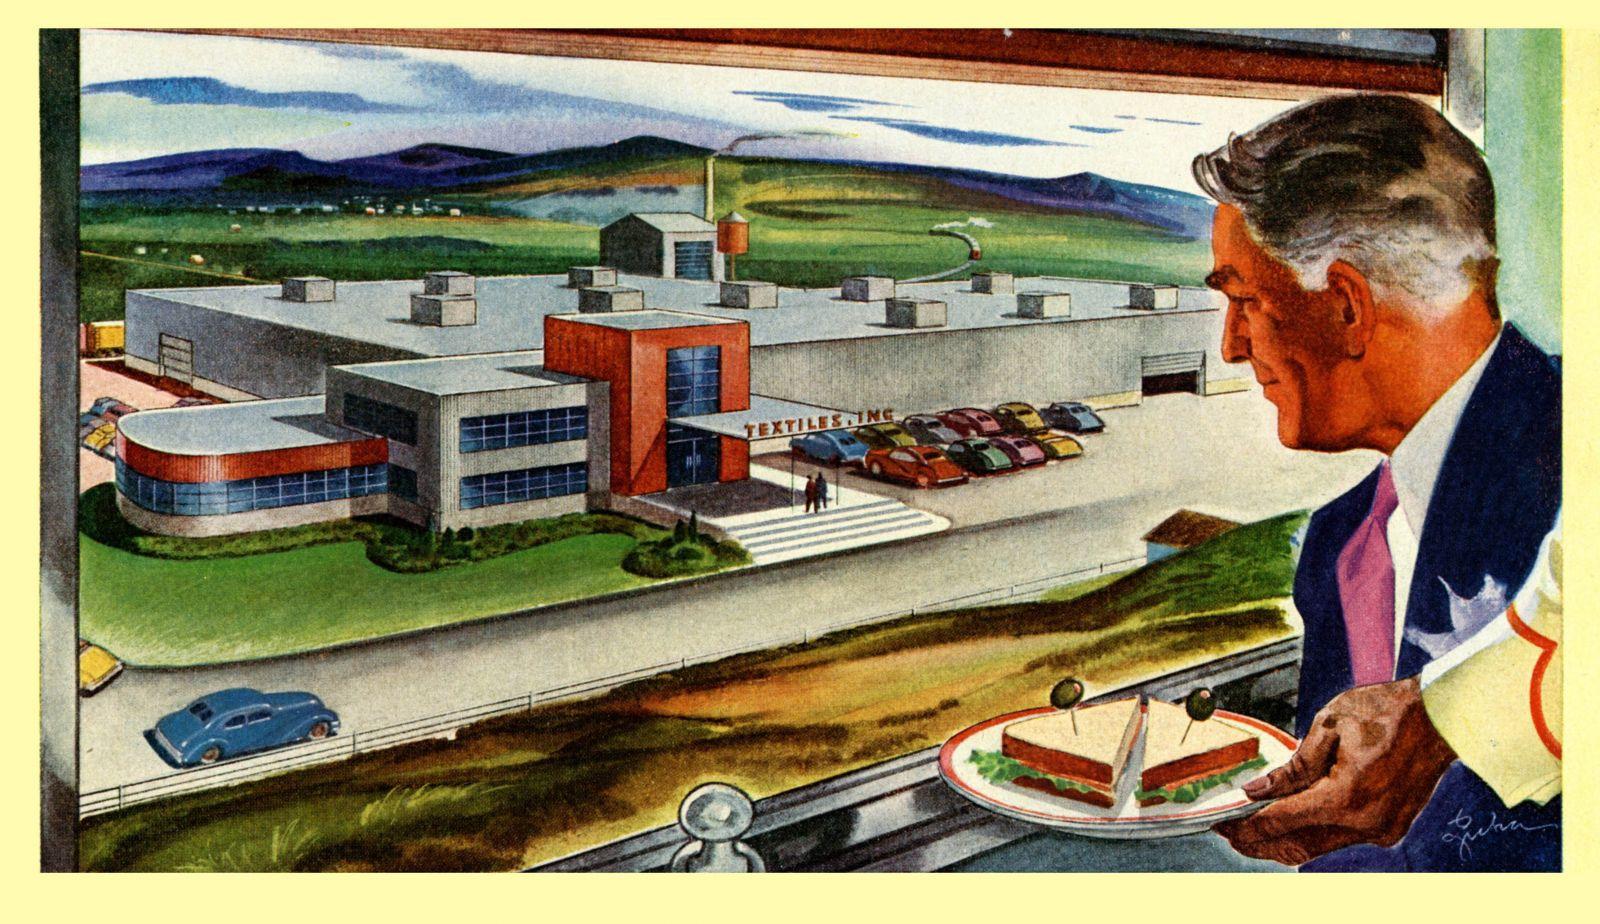 Galbestos for Textiles, Inc.   1947